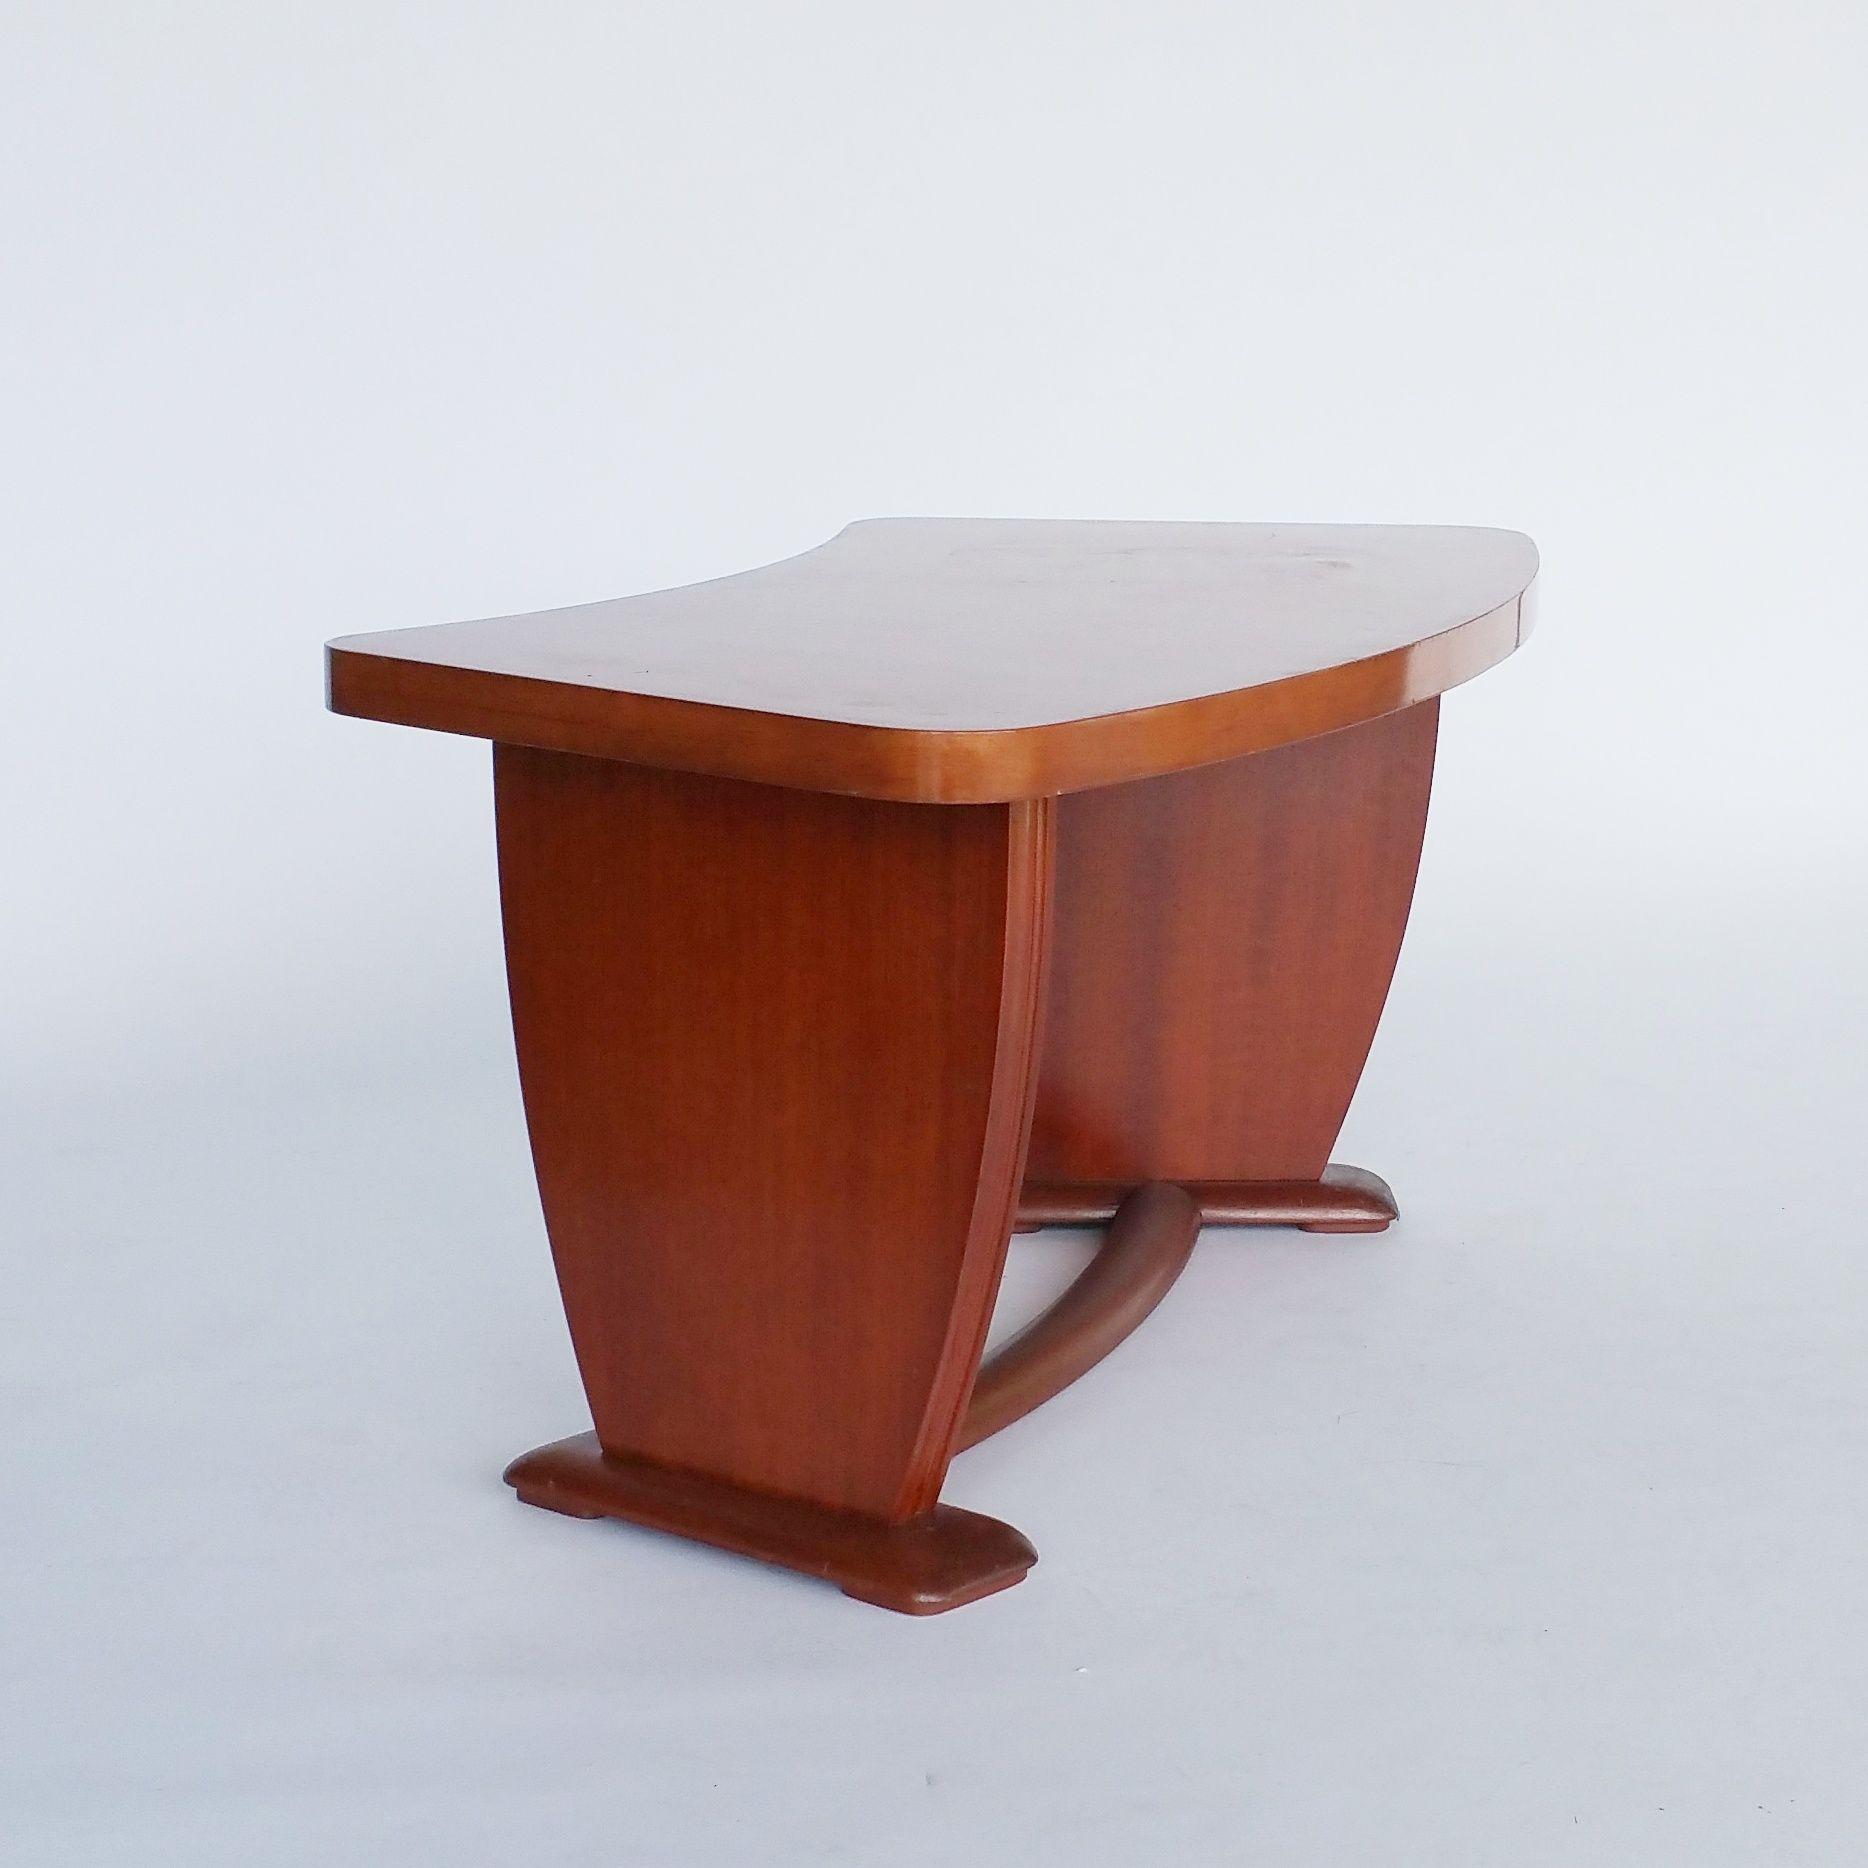 Art Deco Bijzettafel.Art Deco Gebogen Salontafel Of Bijzettafel Pinterest Art Deco